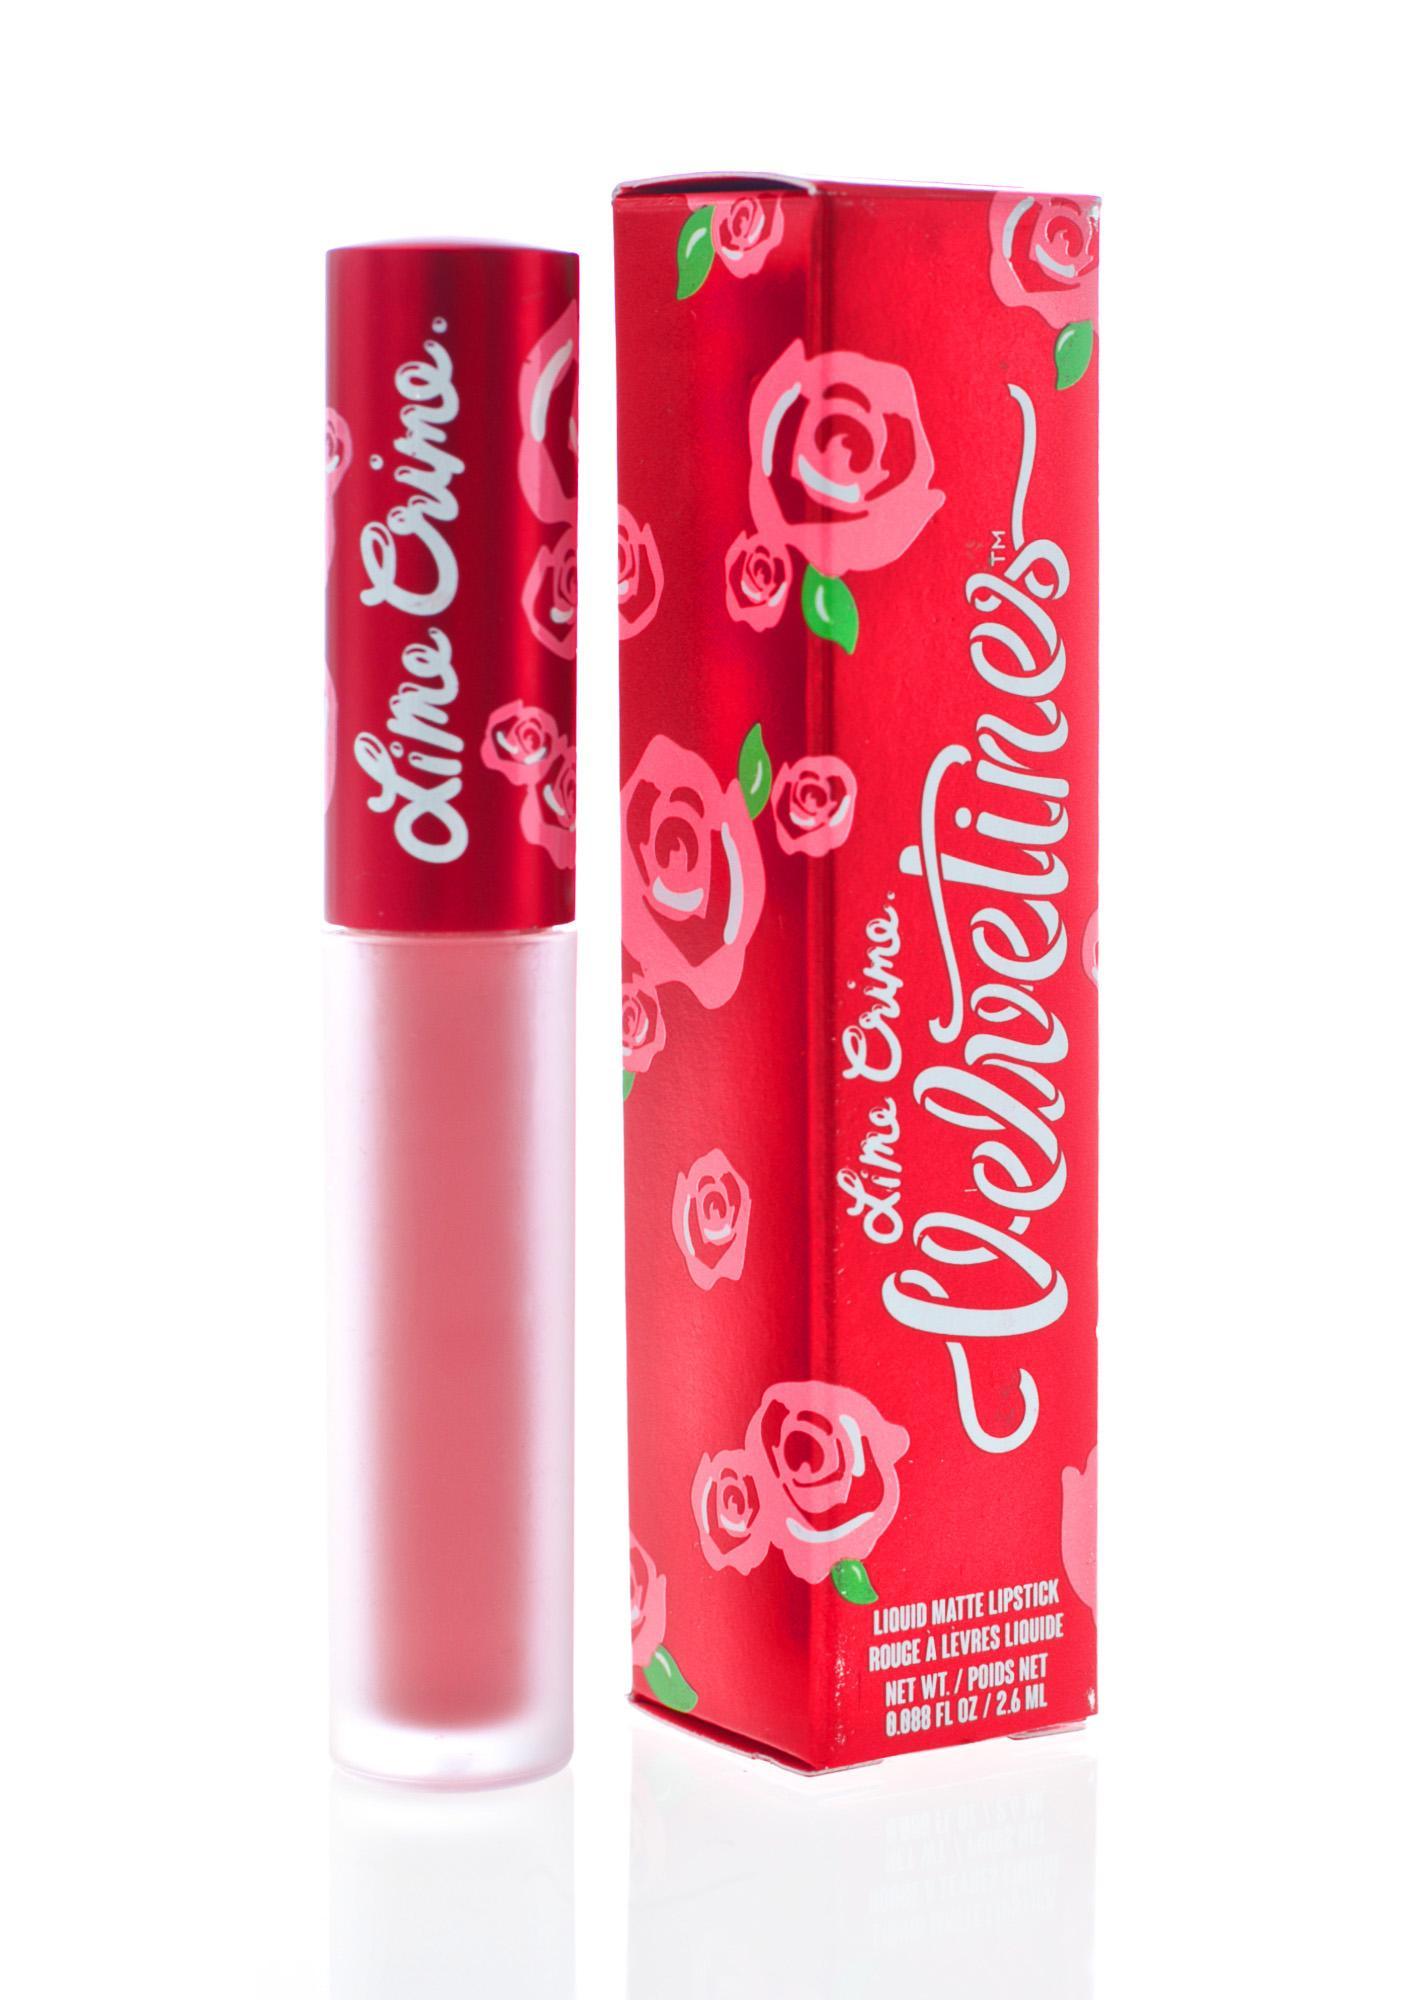 Lime Crime Lulu Velvetine Liquid Lipstick: Lime Crime Cupid Velvetine Liquid Lipstick